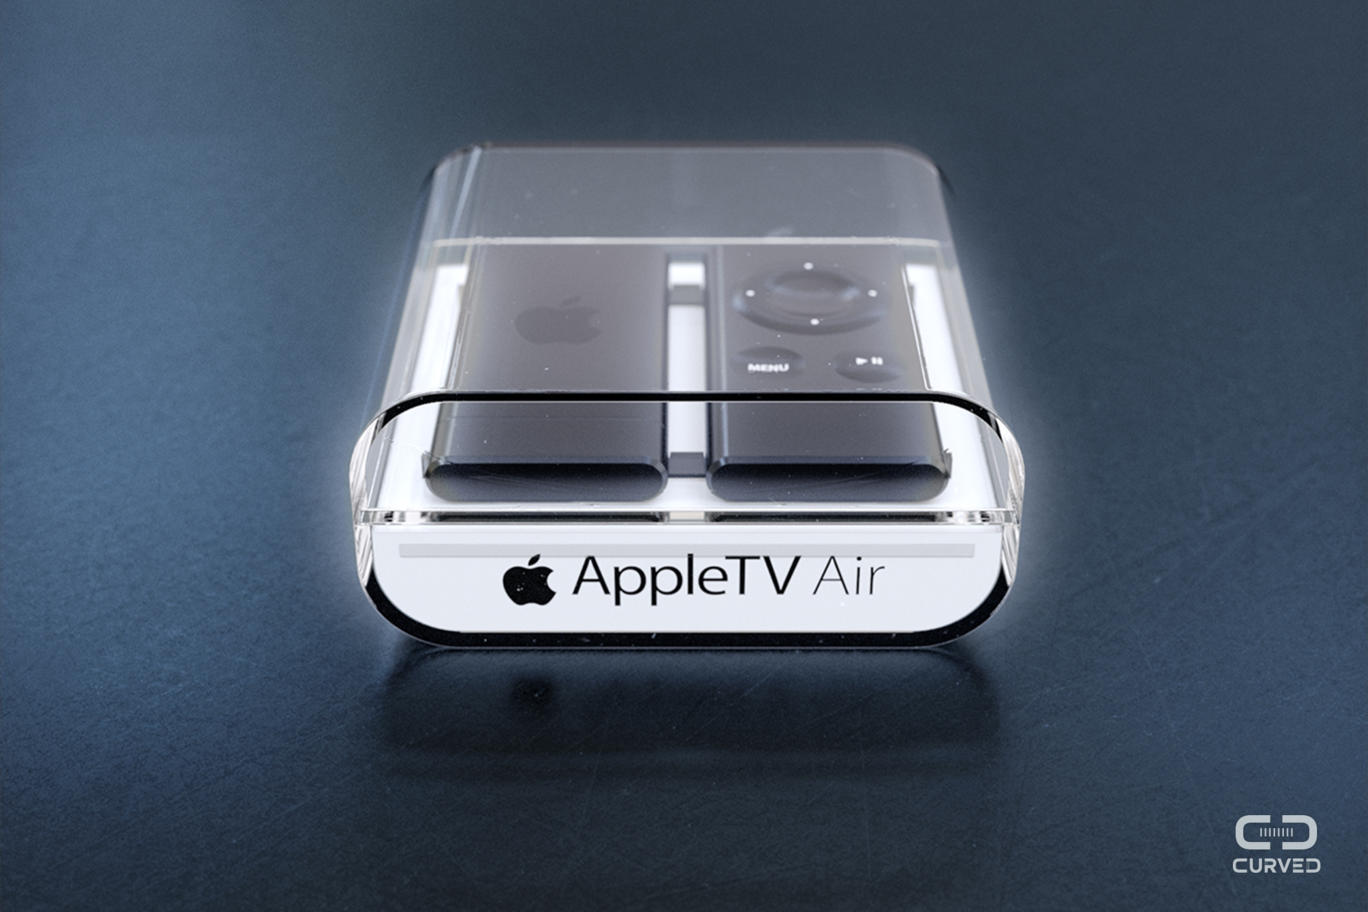 Apple TV Air: e il Box TV diventa un dongle HDMI